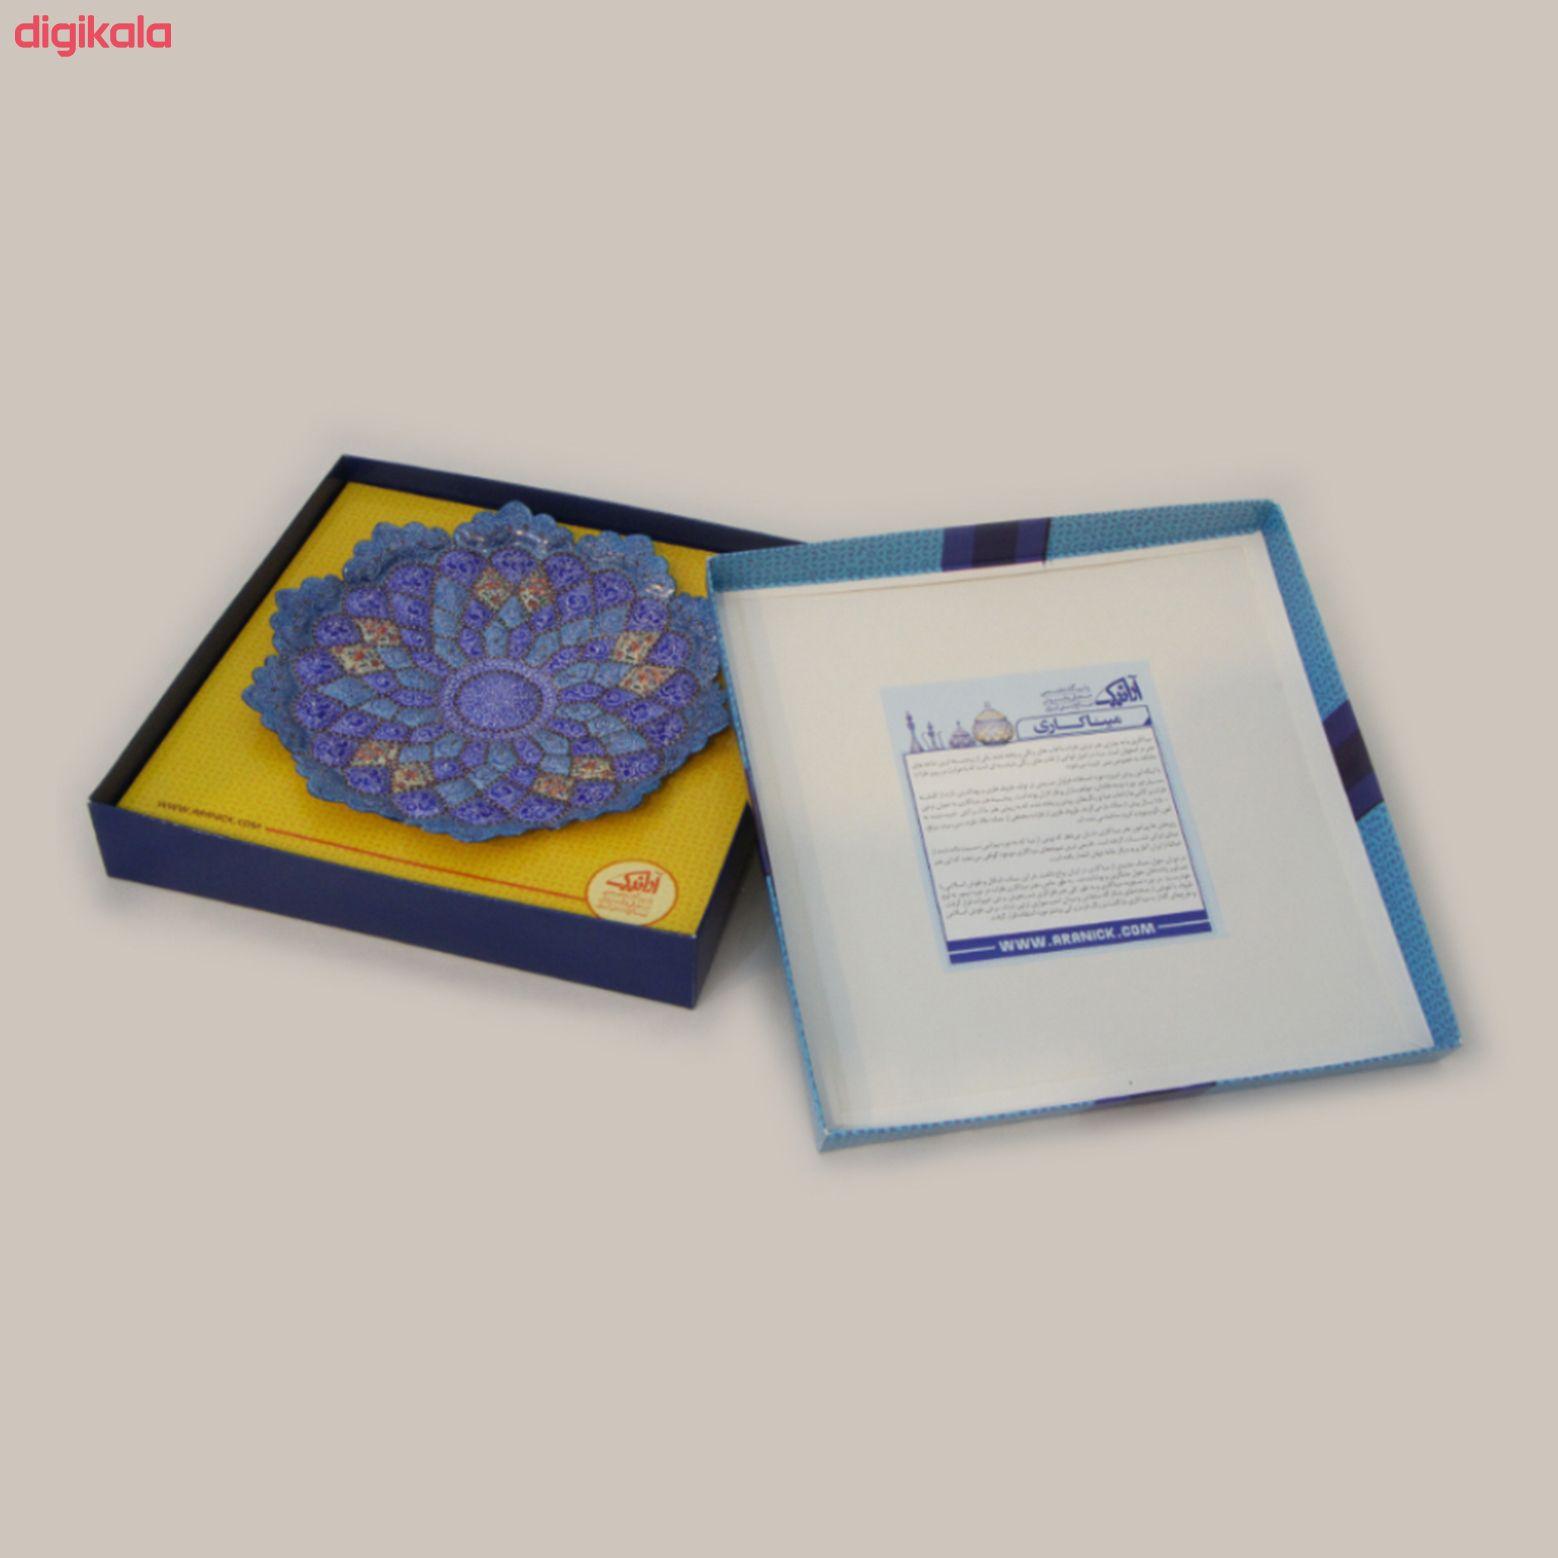 بشقاب مینا کاری گرد  رنگ آبی طرح اسلیمی مدل 1000100015 main 1 3